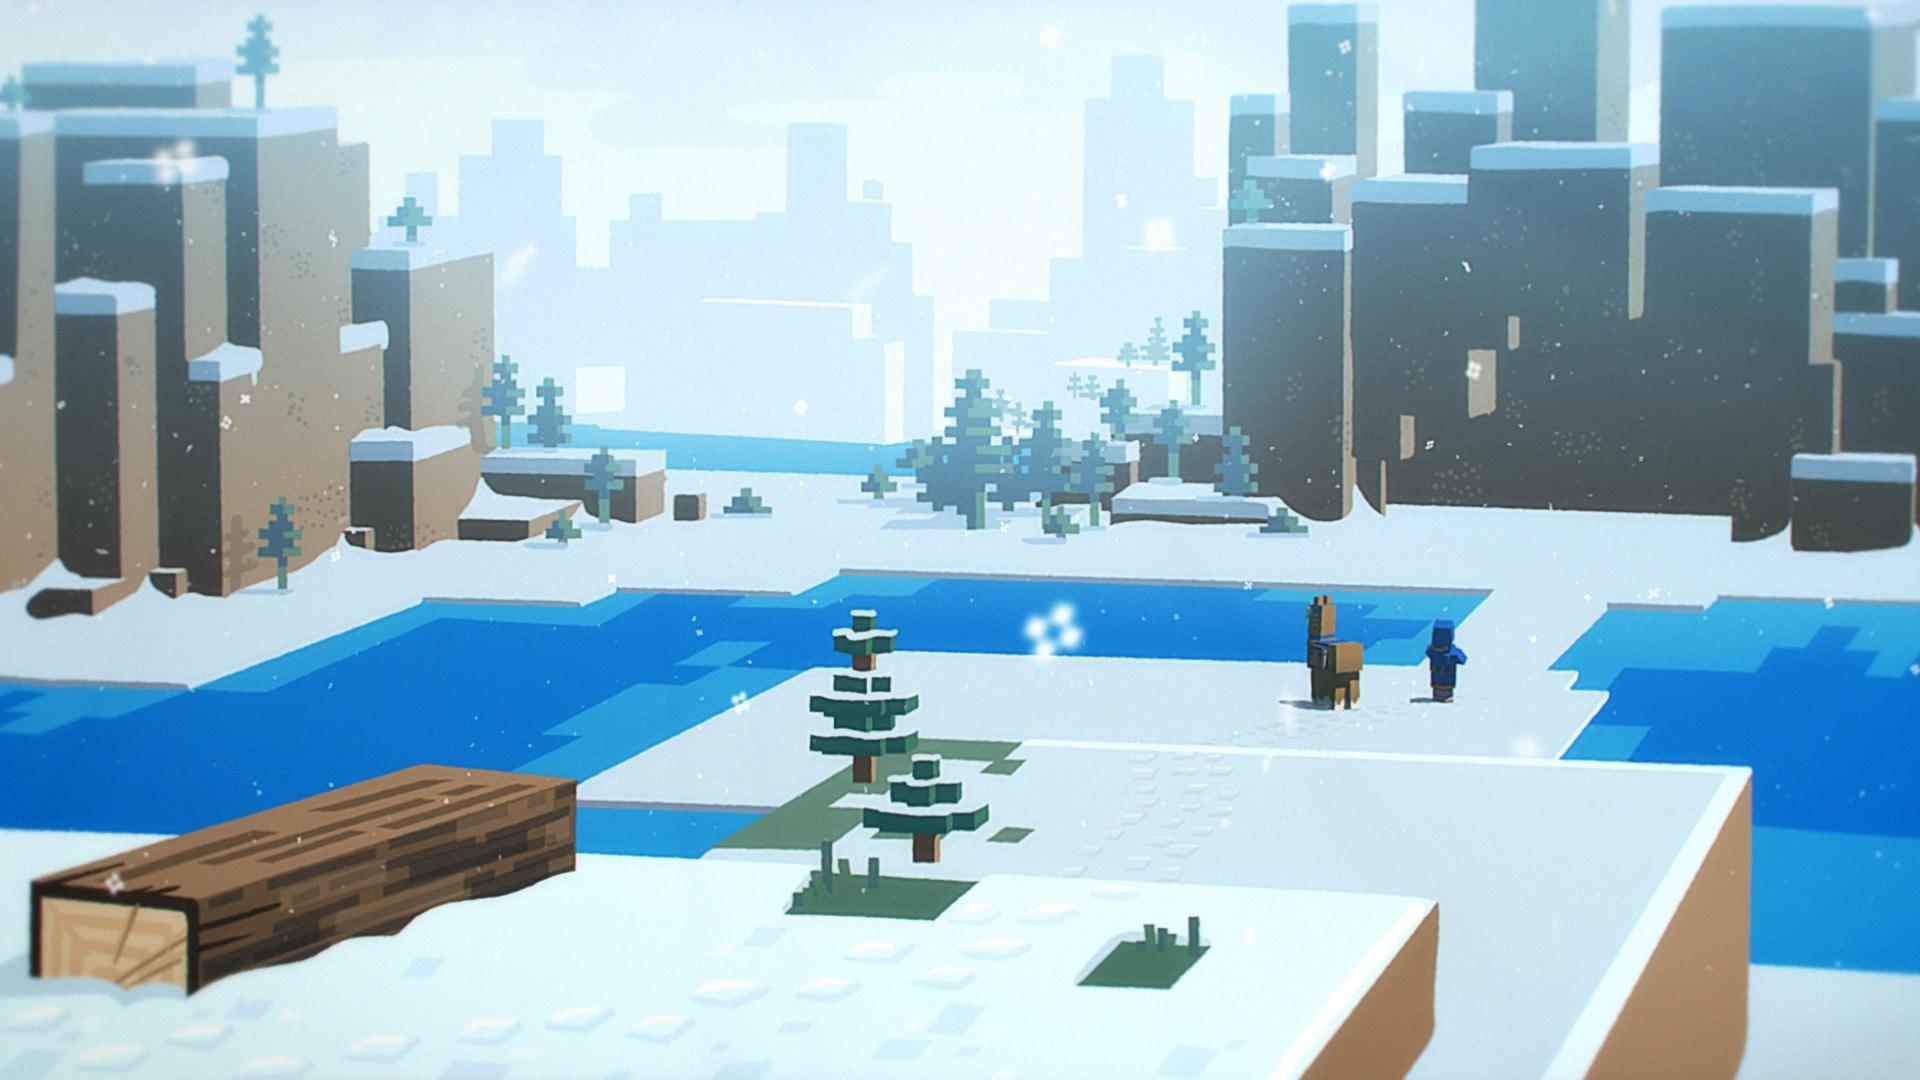 Styleframe Minecraft Village and Pillage